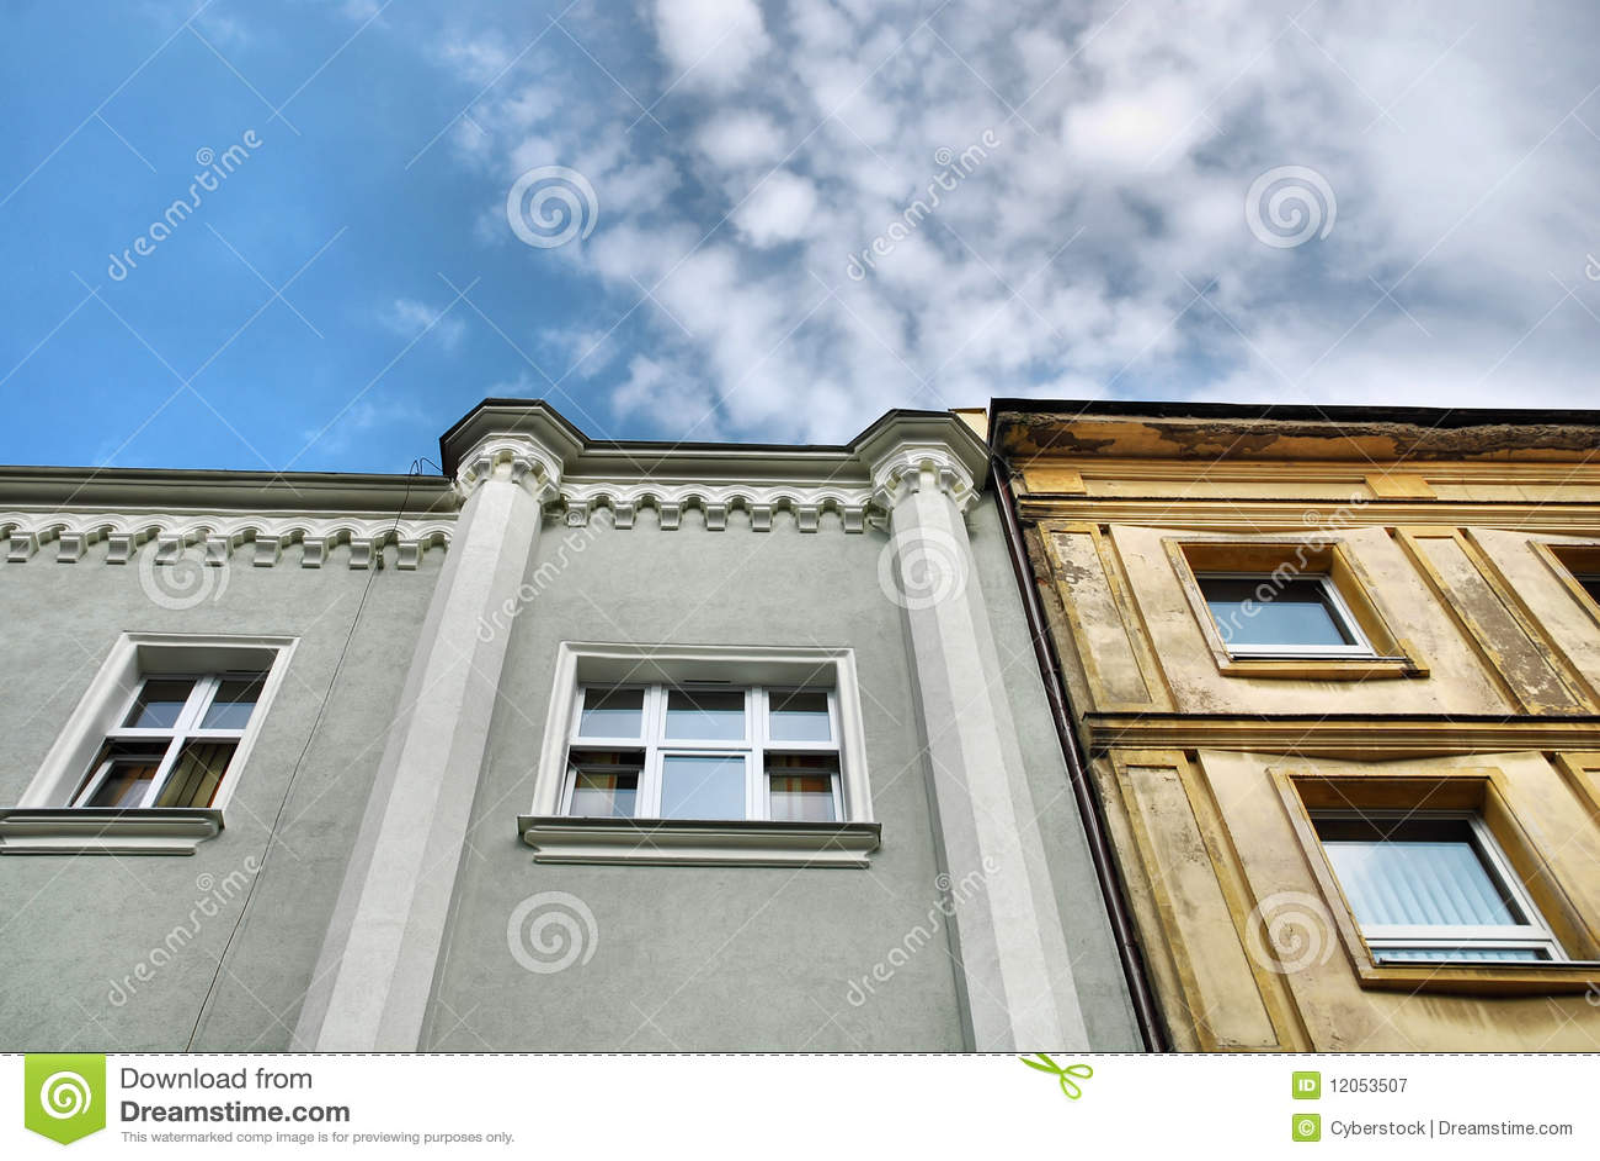 Oud huis stock afbeelding afbeelding bestaande uit poetsmiddel 12053507 - Oud huis ...